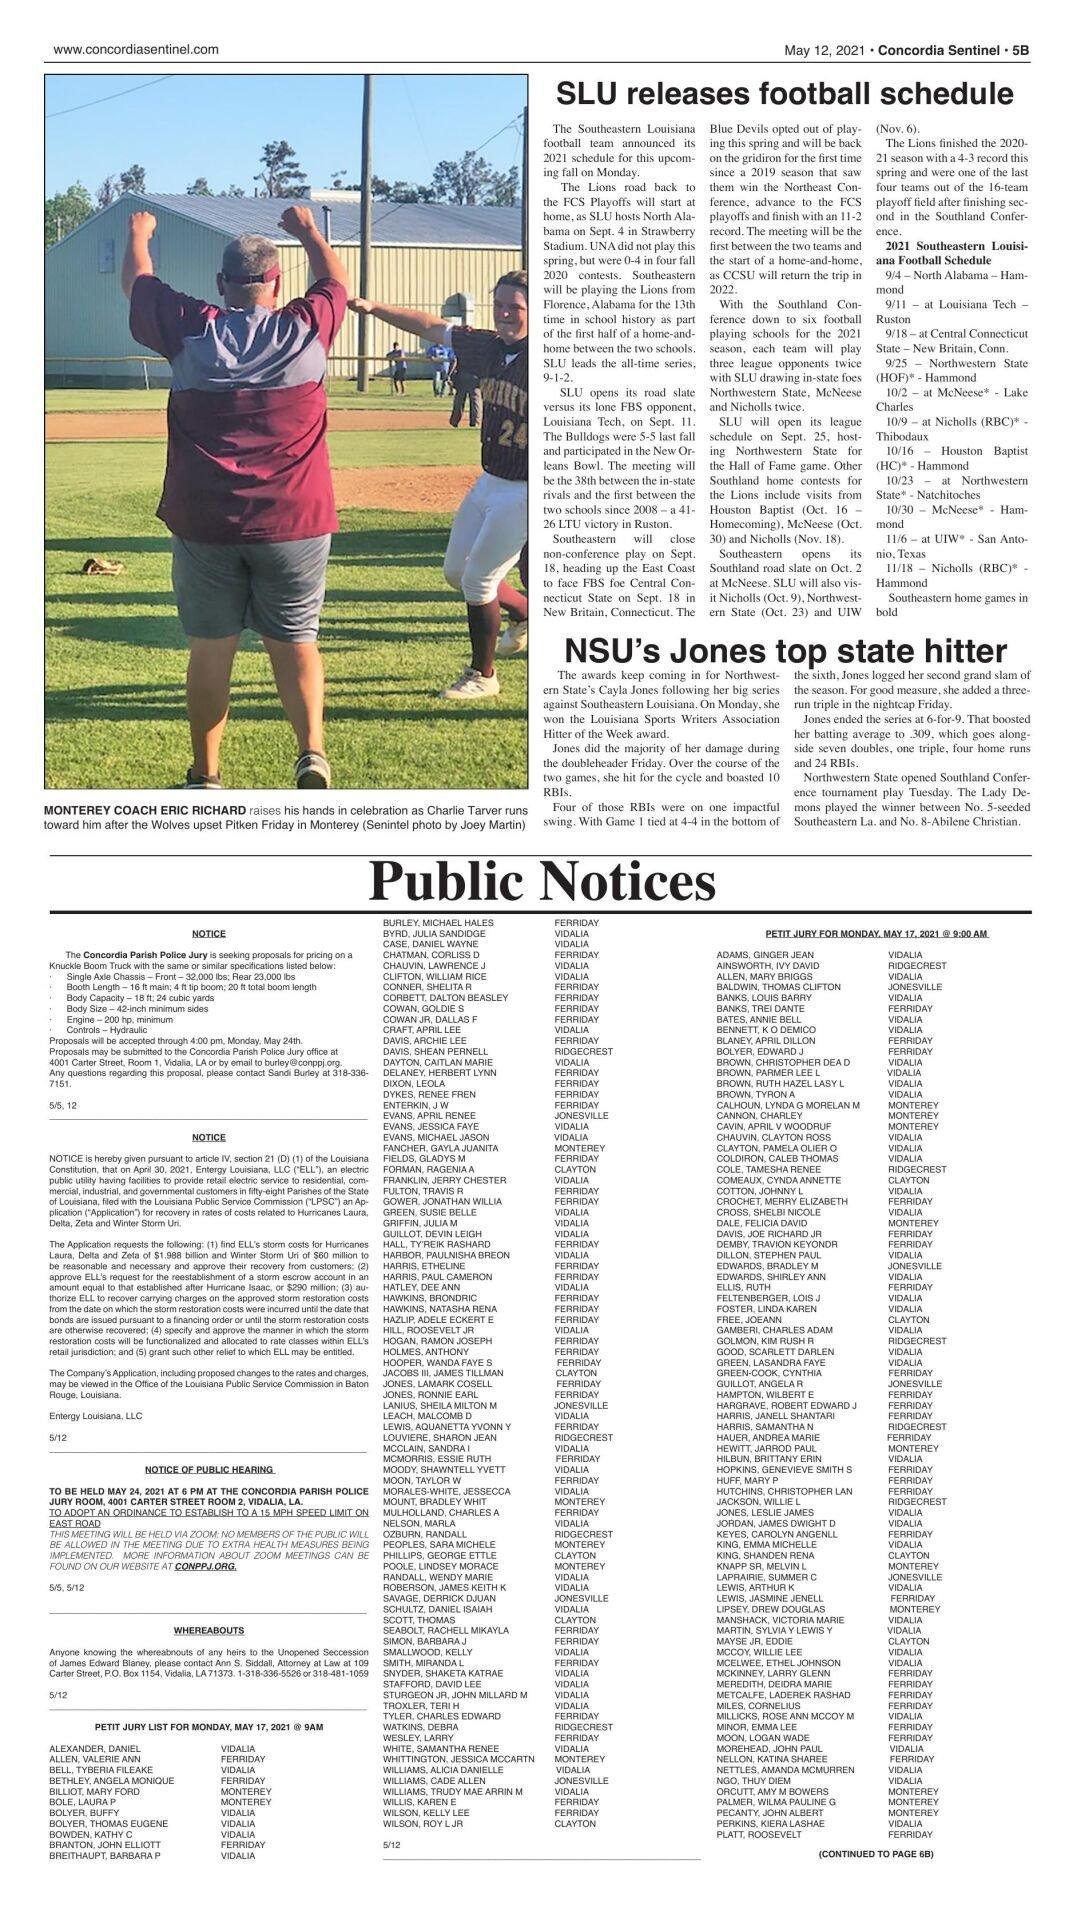 Public Notices - May 12, 2021